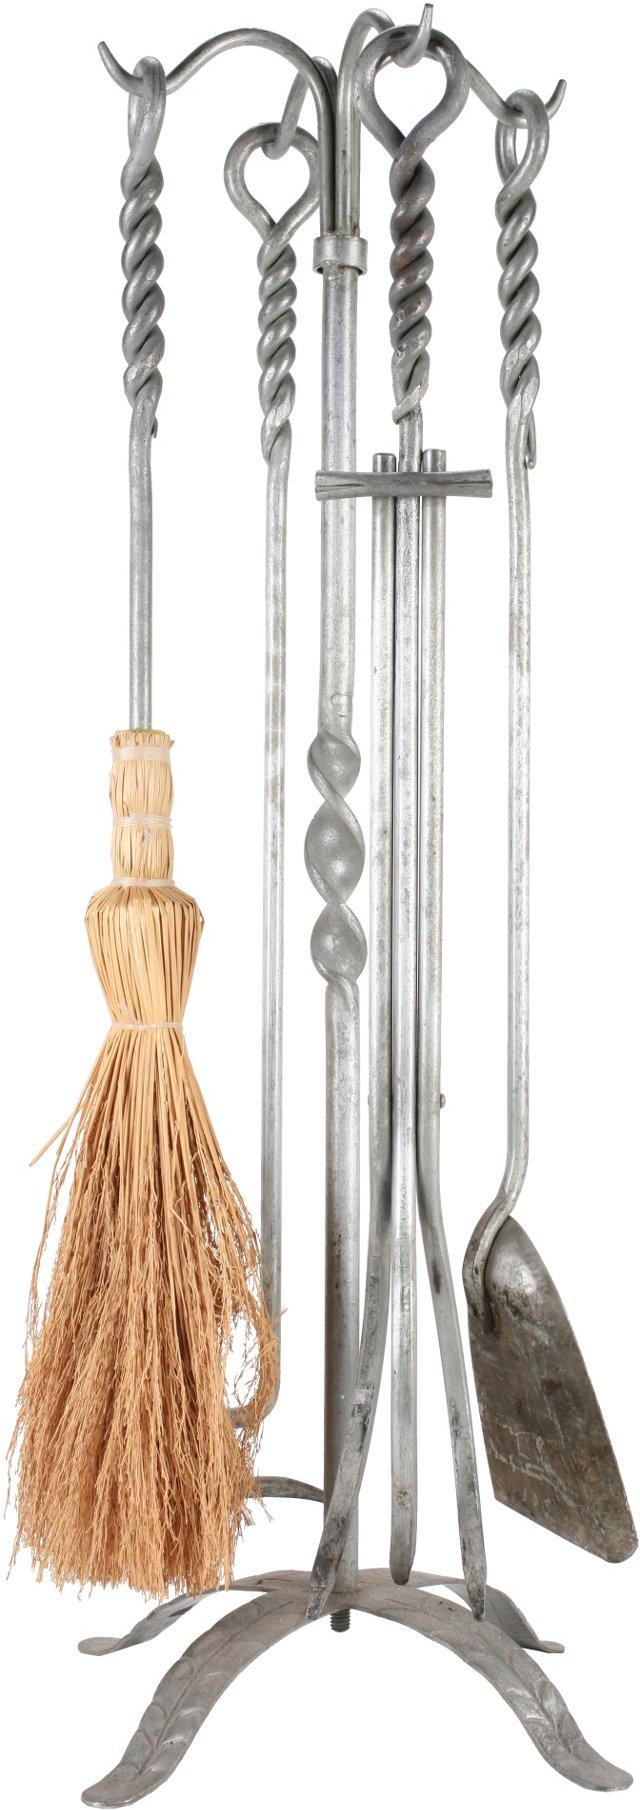 Metal Fireplace Tools, 5 Pcs.